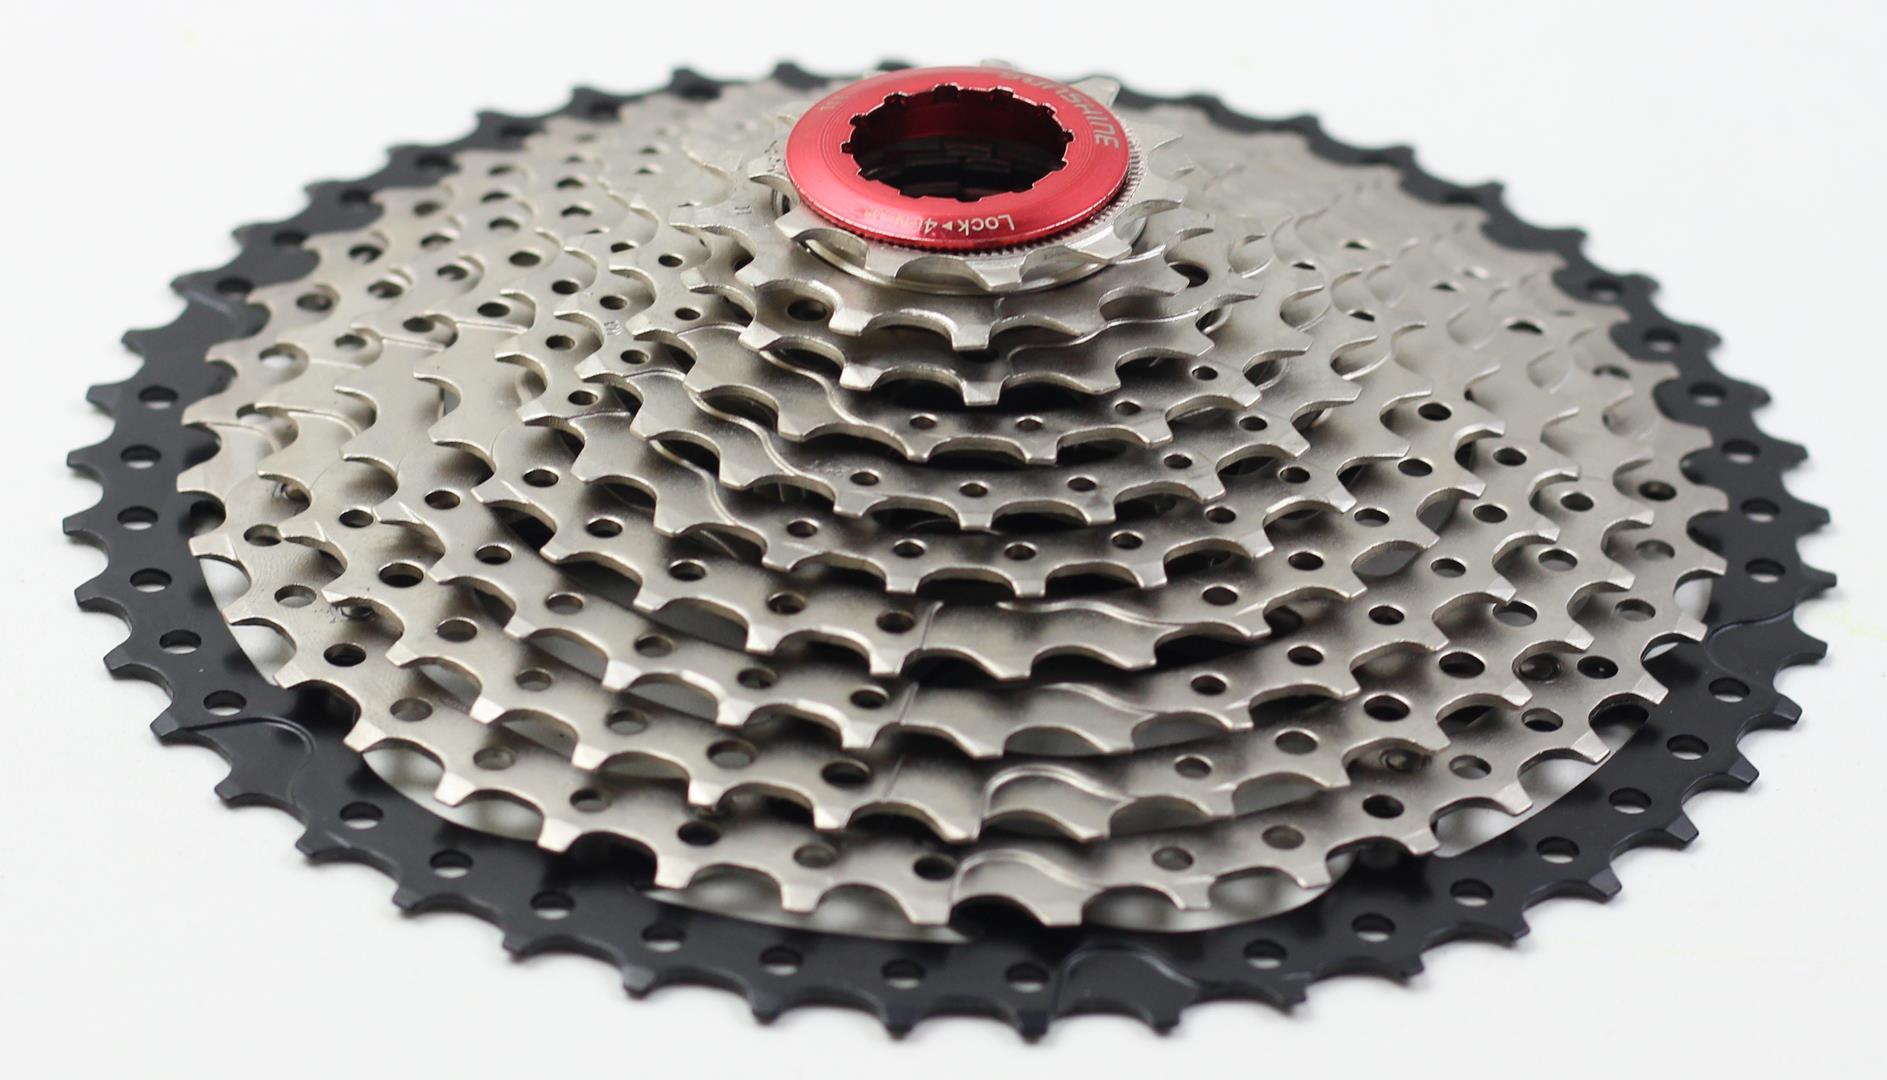 Cassete Bicicleta Sunshine 11 Velocidades 11-46 dentes padrão Shimano